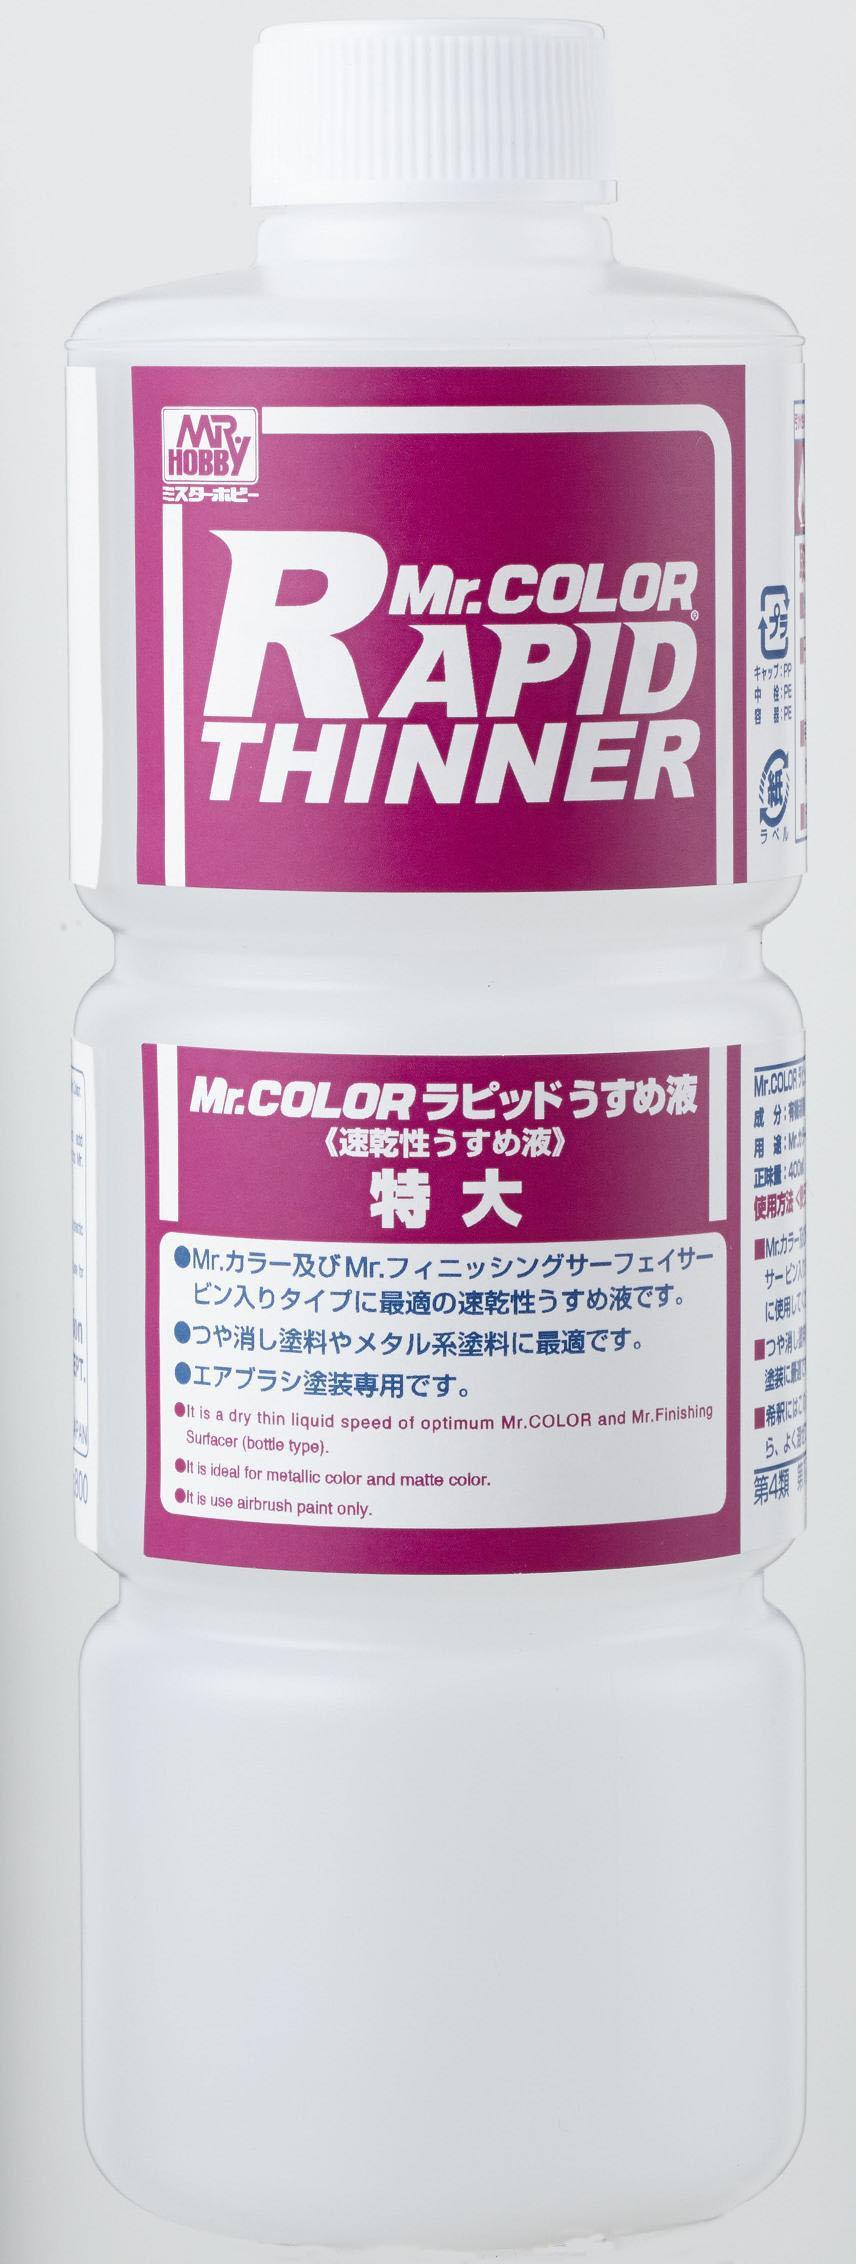 Mr Hobby Rapid Thinner 400ml Bottle